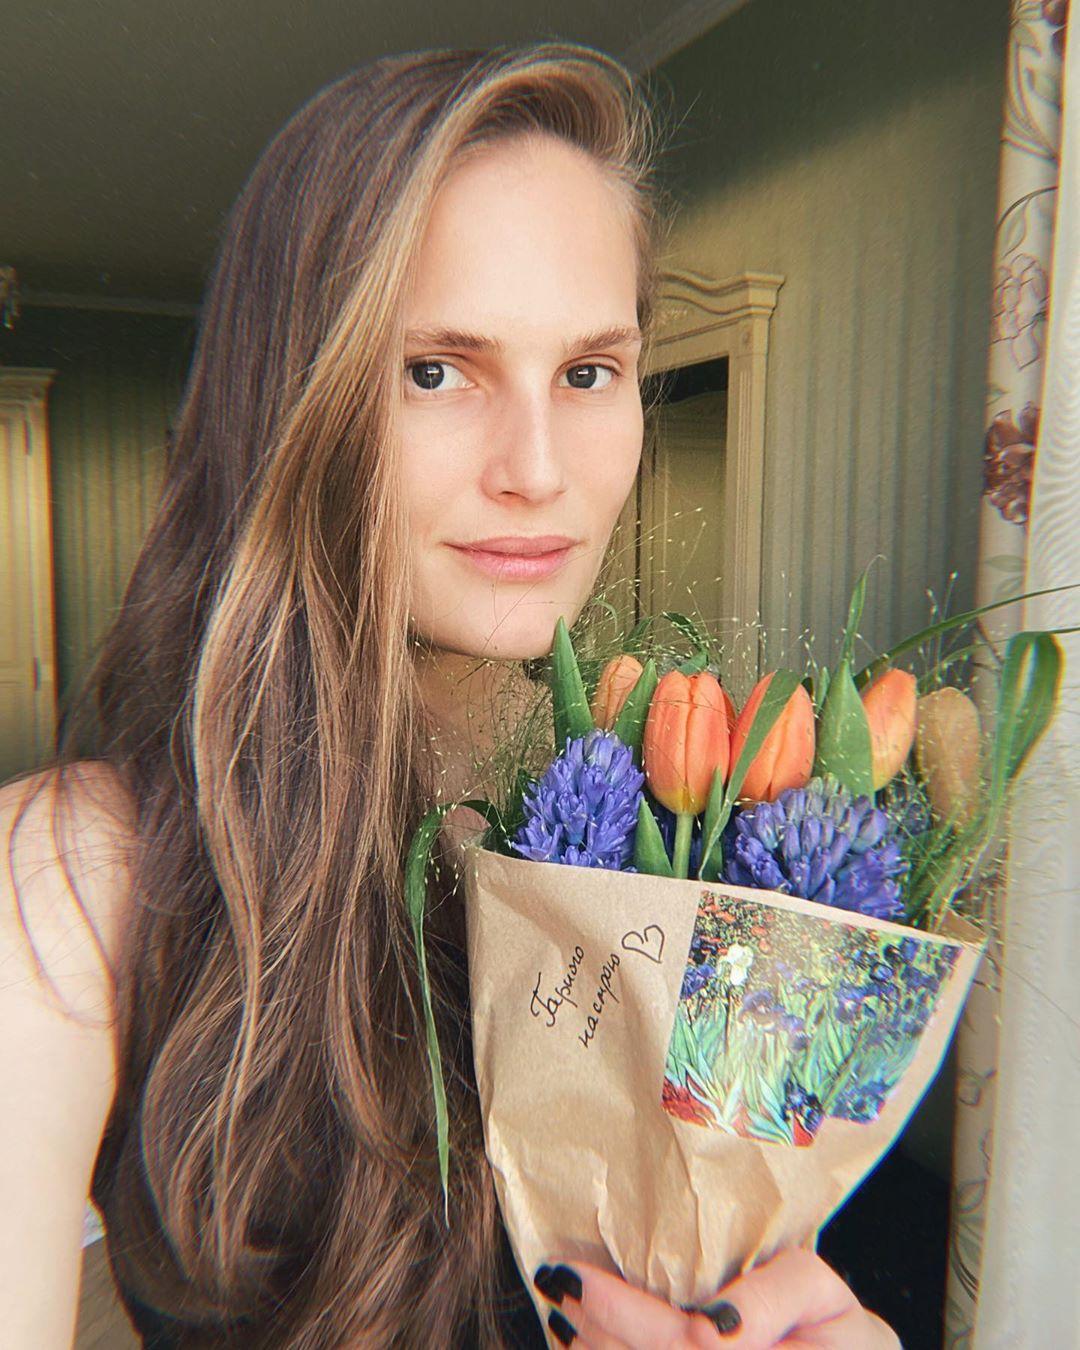 Звезда с неба и цветы из Нью-Йорка: какие сюрпризы делали украинским звездам